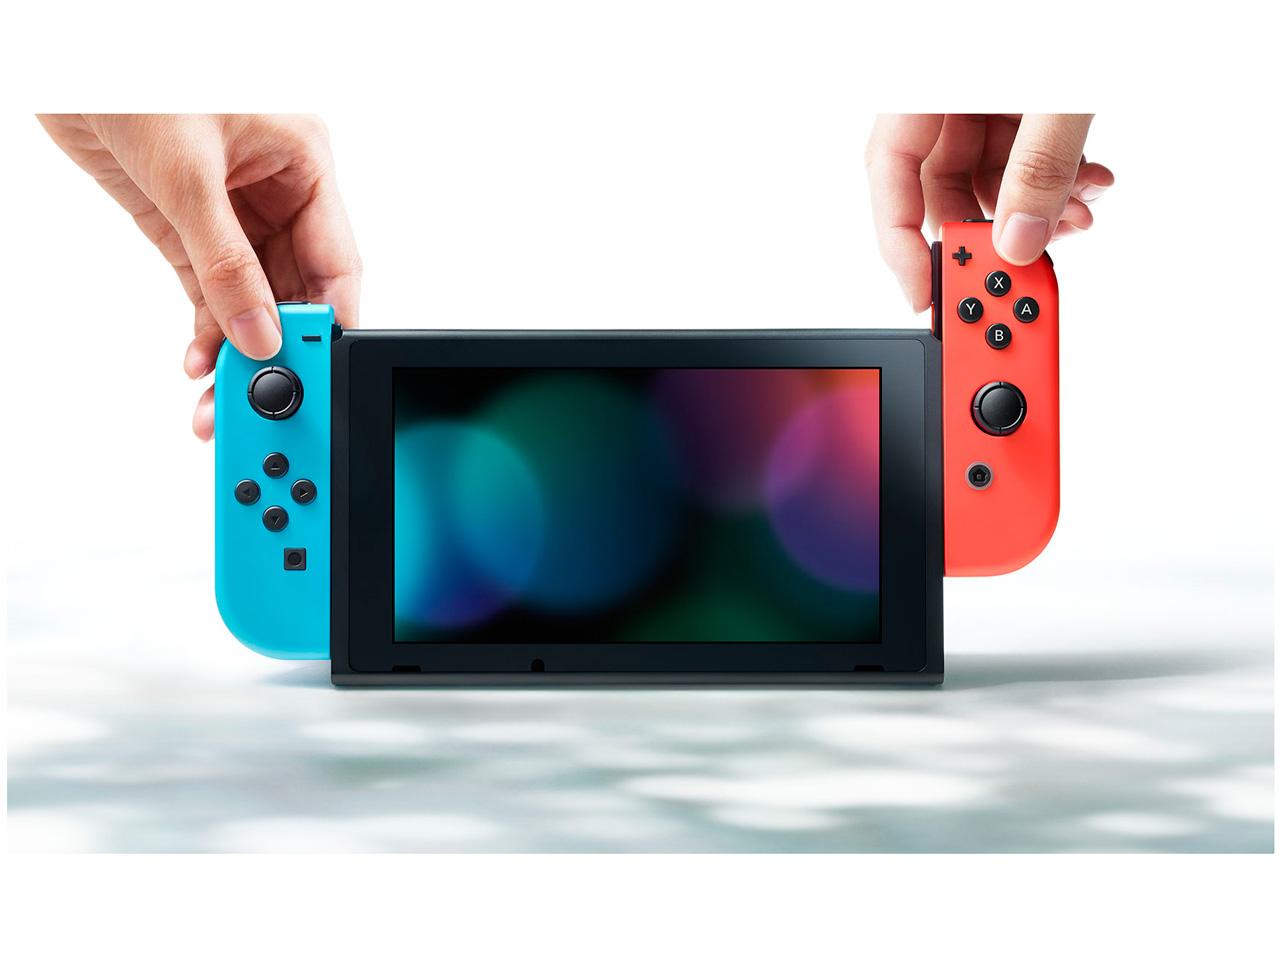 『本体5』 Nintendo Switch [ネオンブルー/ネオンレッド] の製品画像